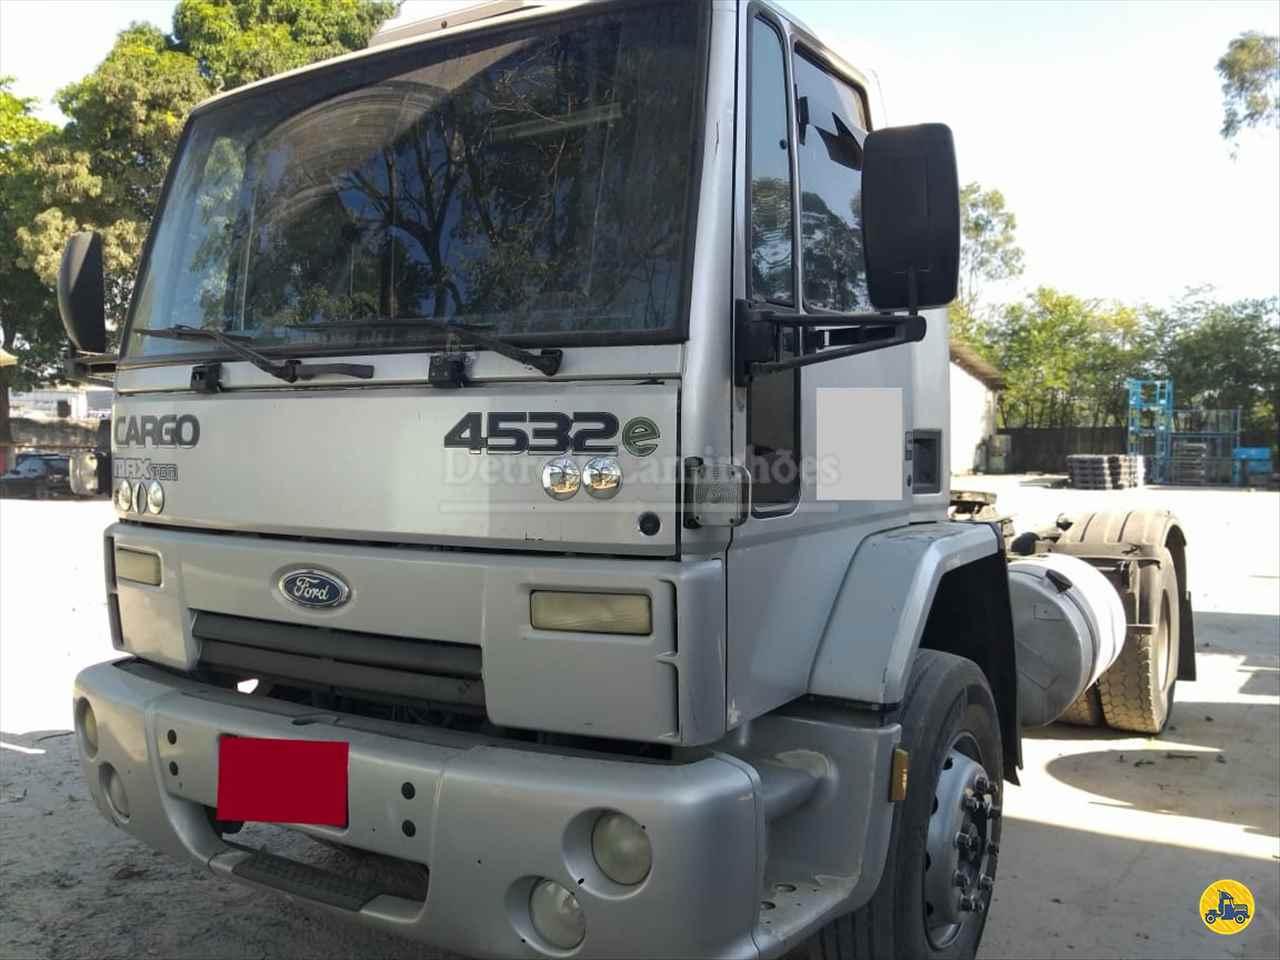 CAMINHAO FORD CARGO 4532 Cavalo Mecânico Toco 4x2 Detroit Caminhões SAO JOSE DOS CAMPOS SÃO PAULO SP